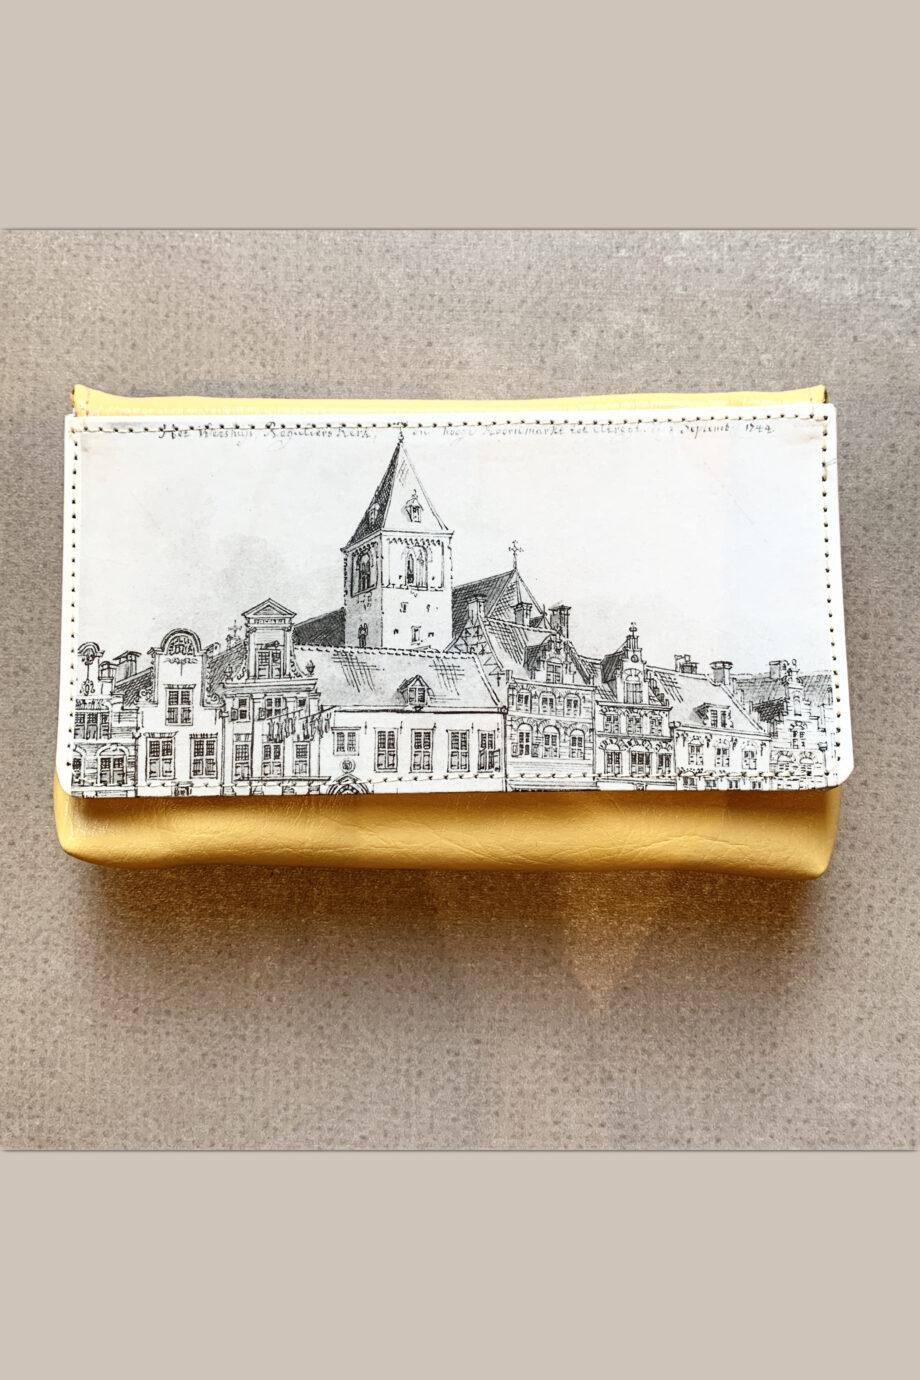 Tas_Utrecht_Wana bana_geel_kleur